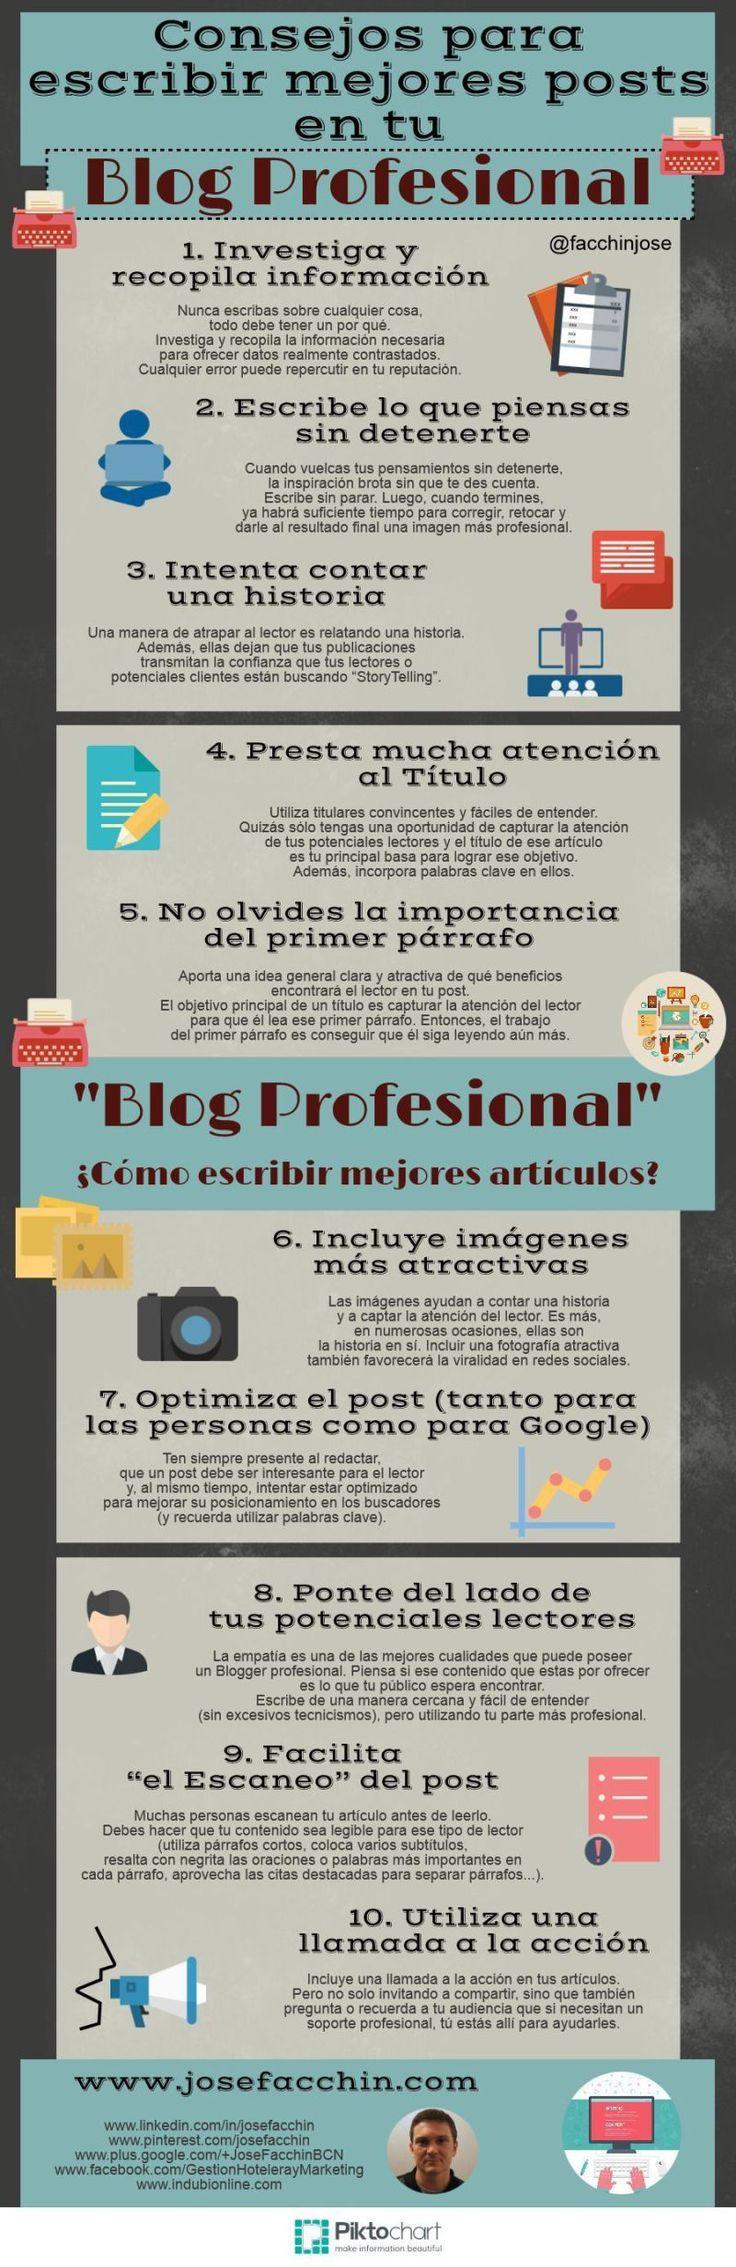 10 Consejos para escribir mejores posts en tu blog